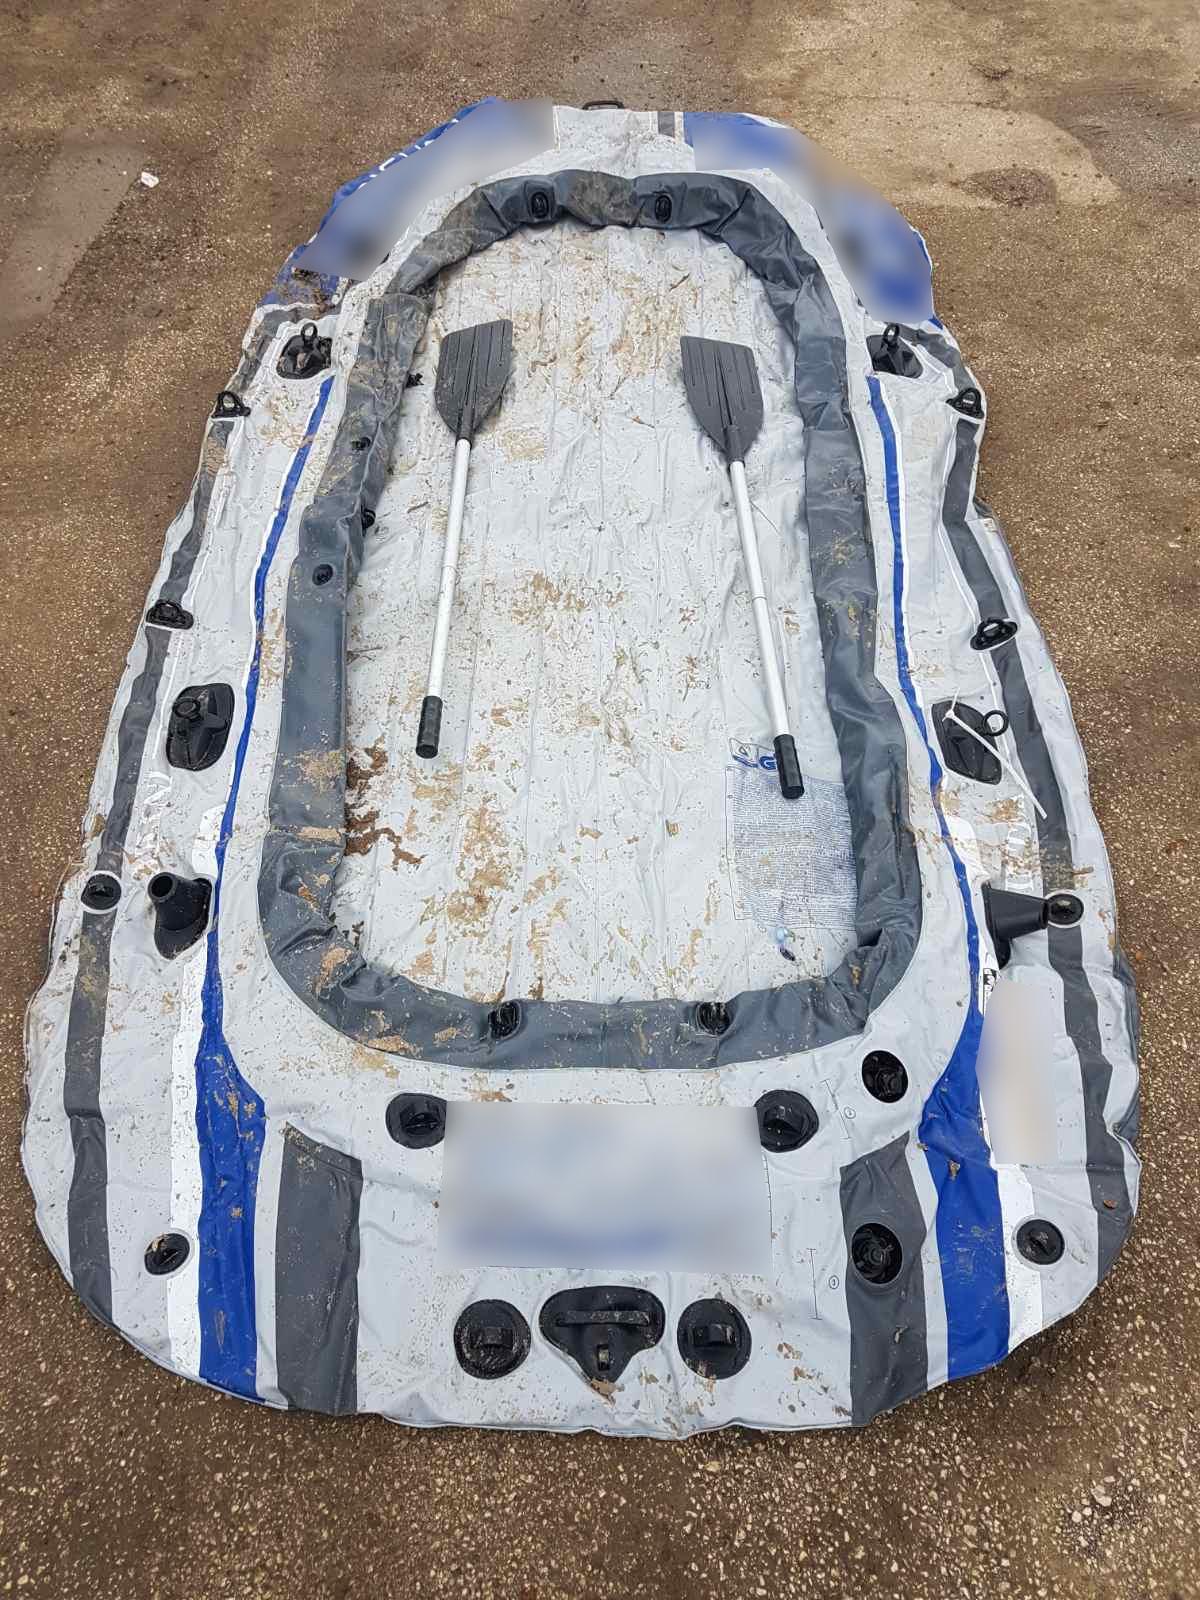 Νέες συλλήψεις διακινητών με βάρκες στον Έβρο